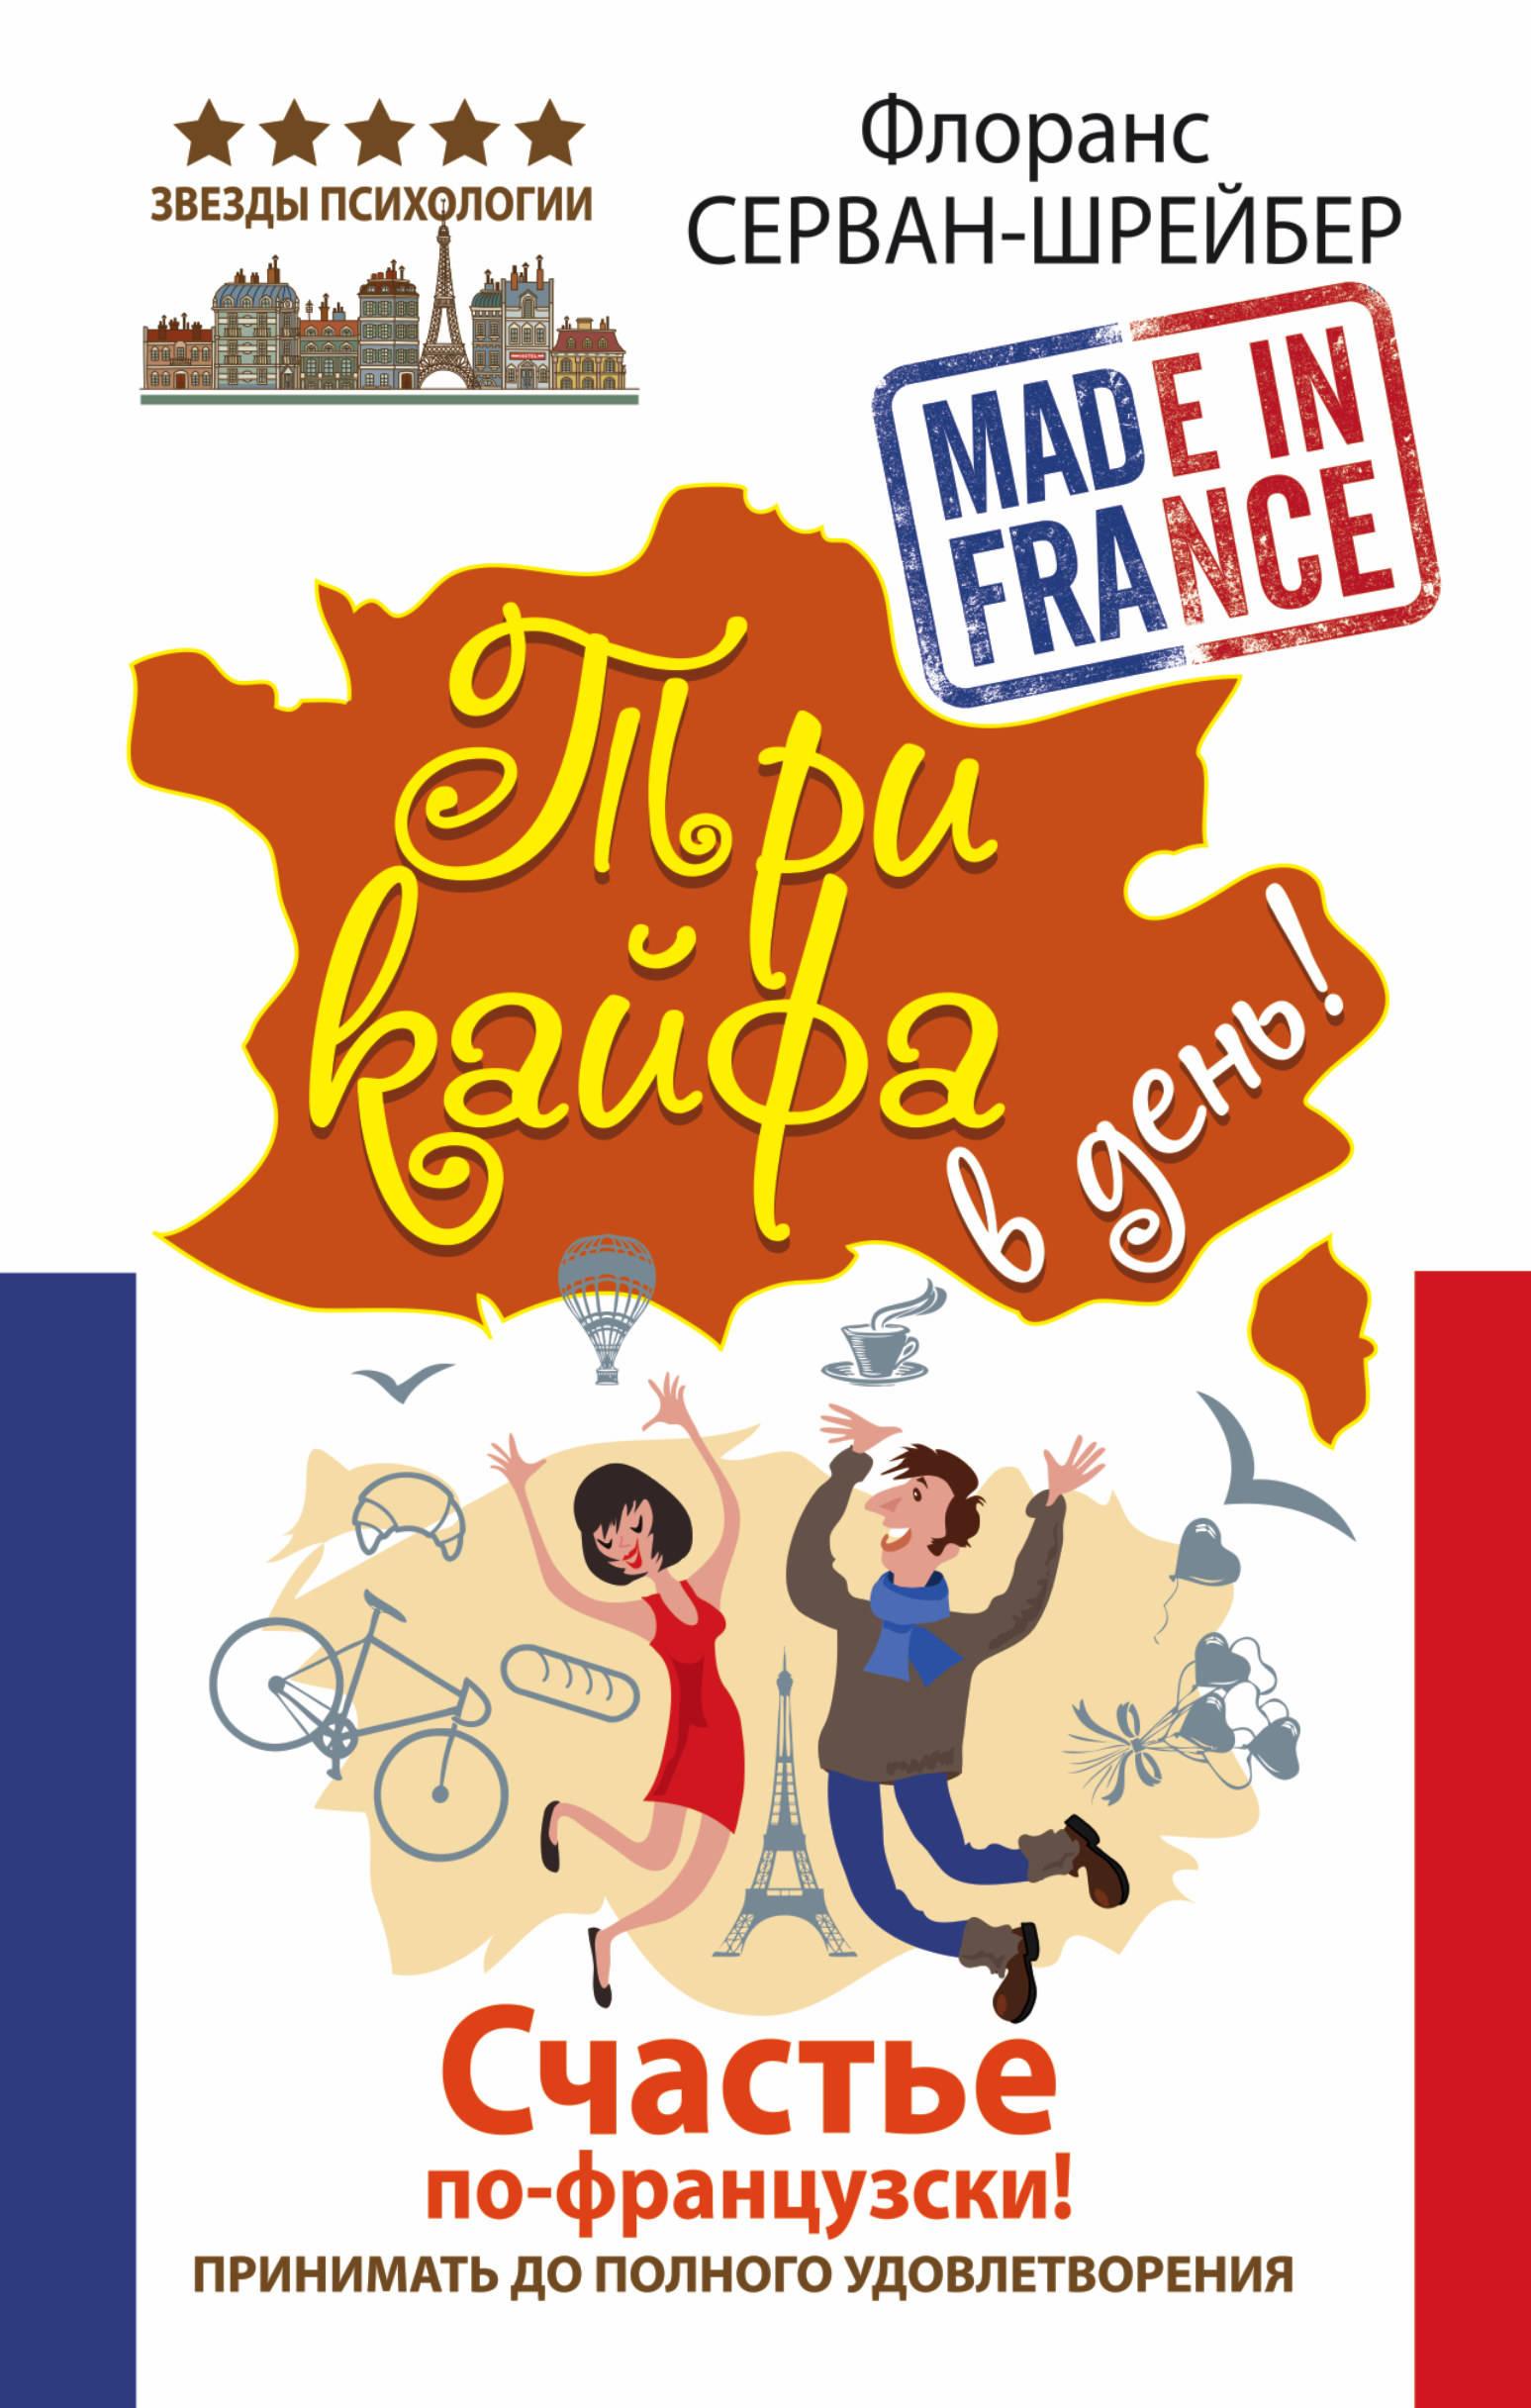 Флоранс Серван-Шрейбер Три кайфа в день! Счастье по-французски! Принимать до полного удовлетворения